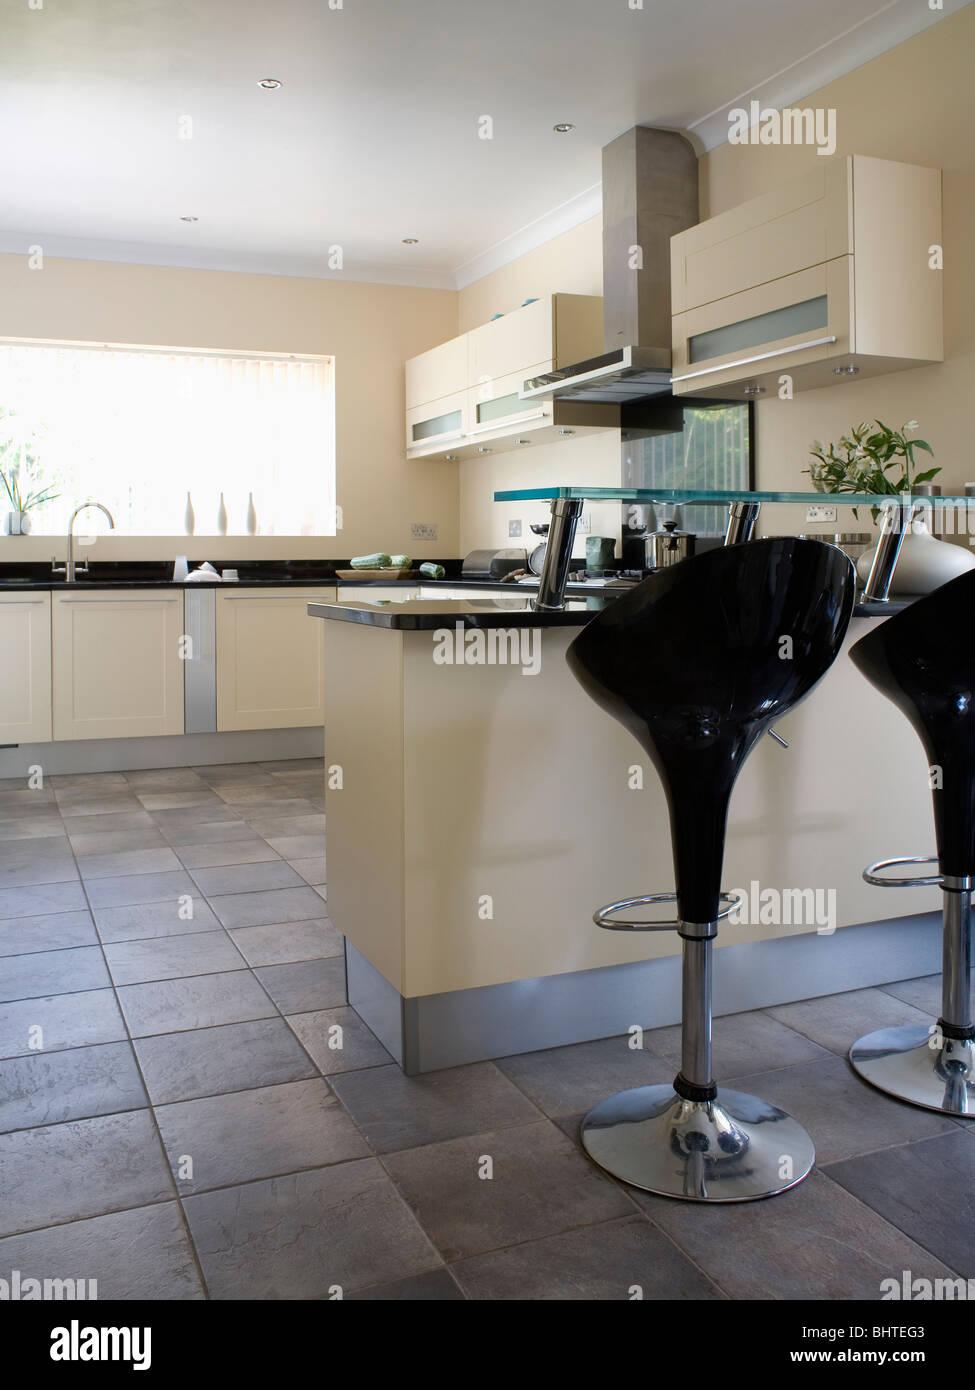 Kitchen Breakfast Bars Monochromatic Stockfotos & Kitchen Breakfast ...